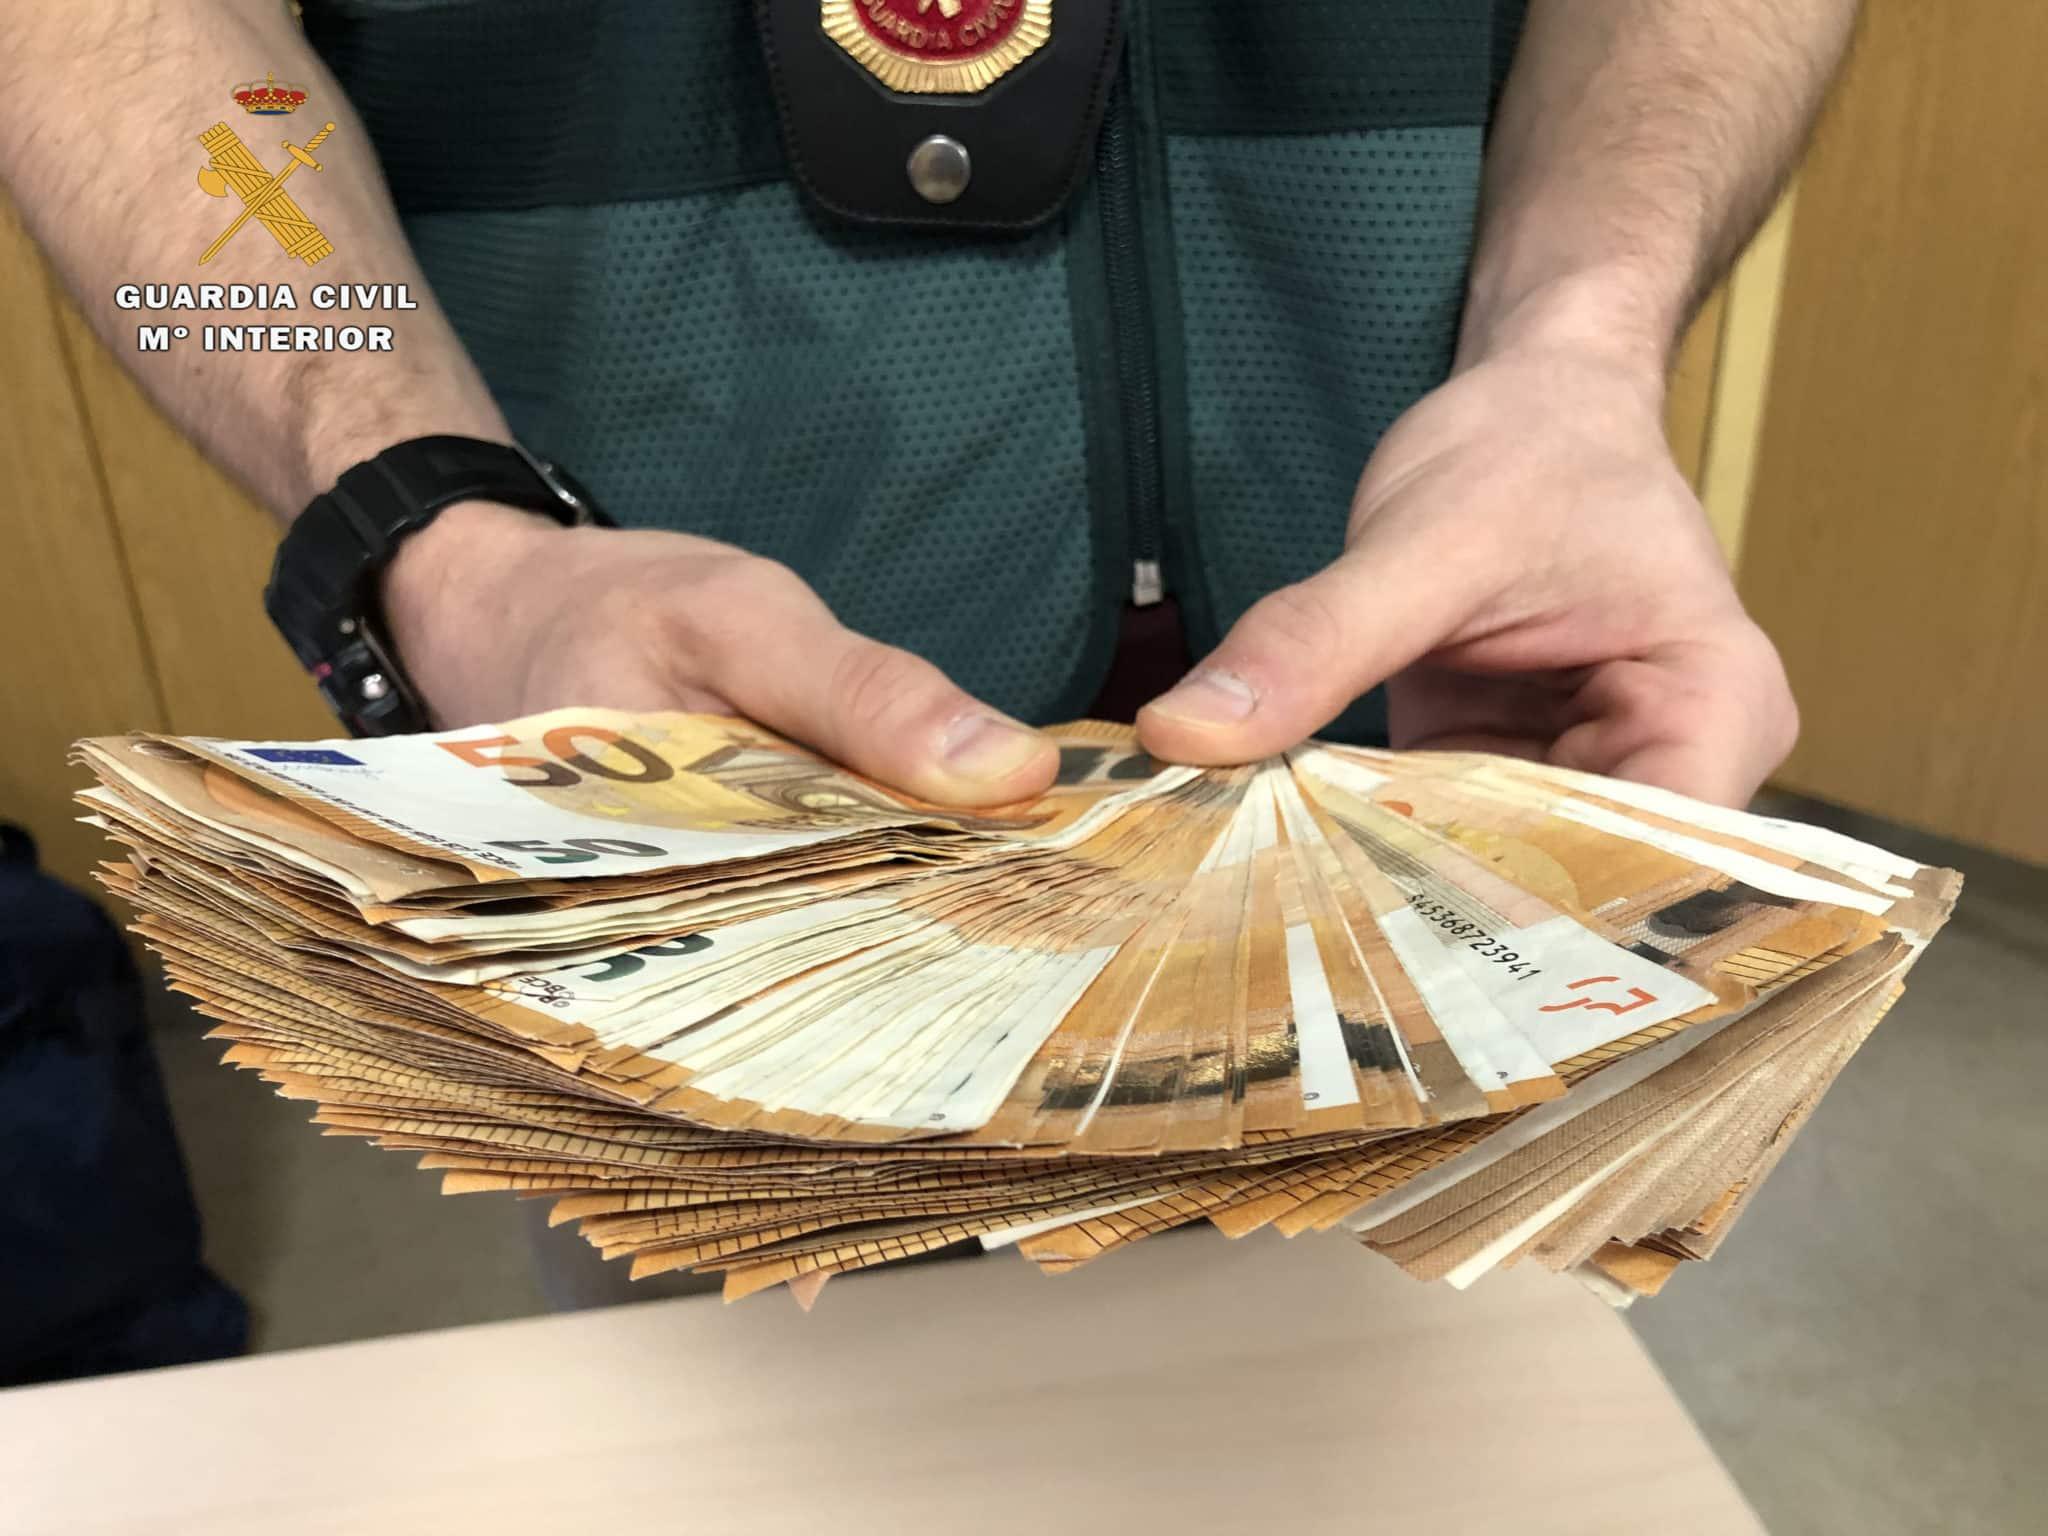 Operación 'Apostaxi': Desmantelada una organización delictiva que elaboraba y distribuía marihuana en La Rioja y Euskadi 7